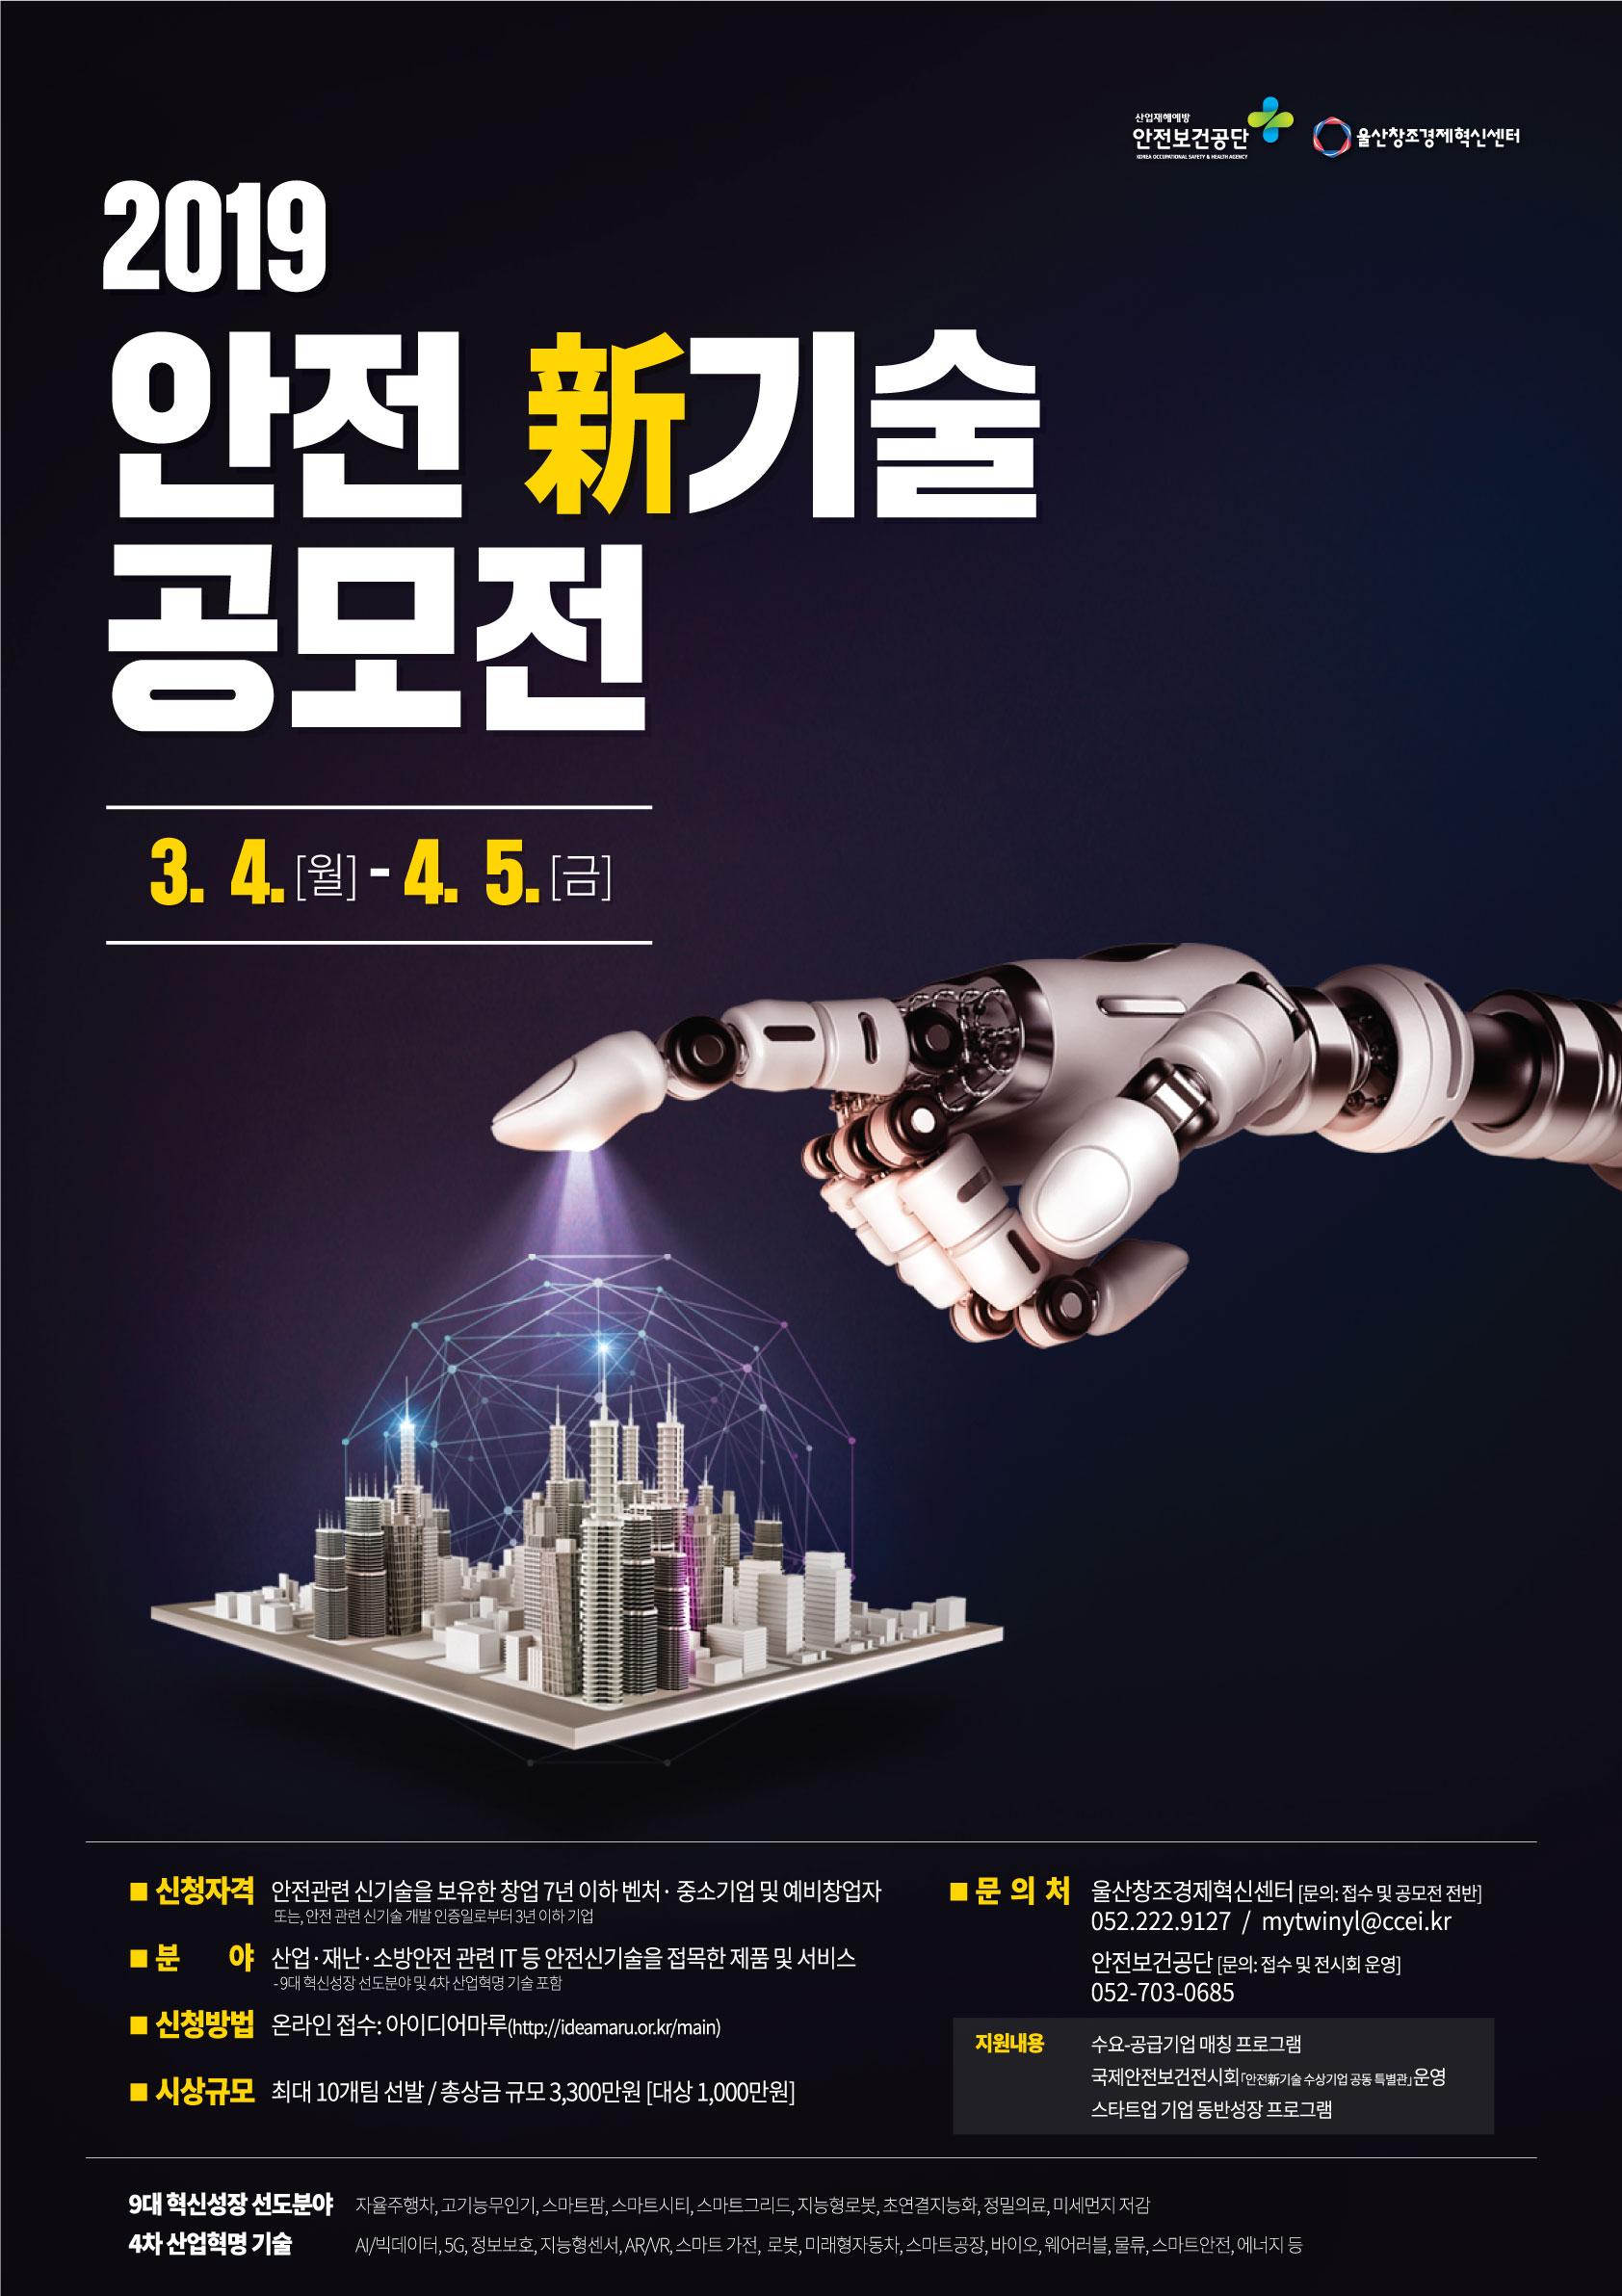 [울산창조경제혁신센터] 오픈이노베이션 플랫폼